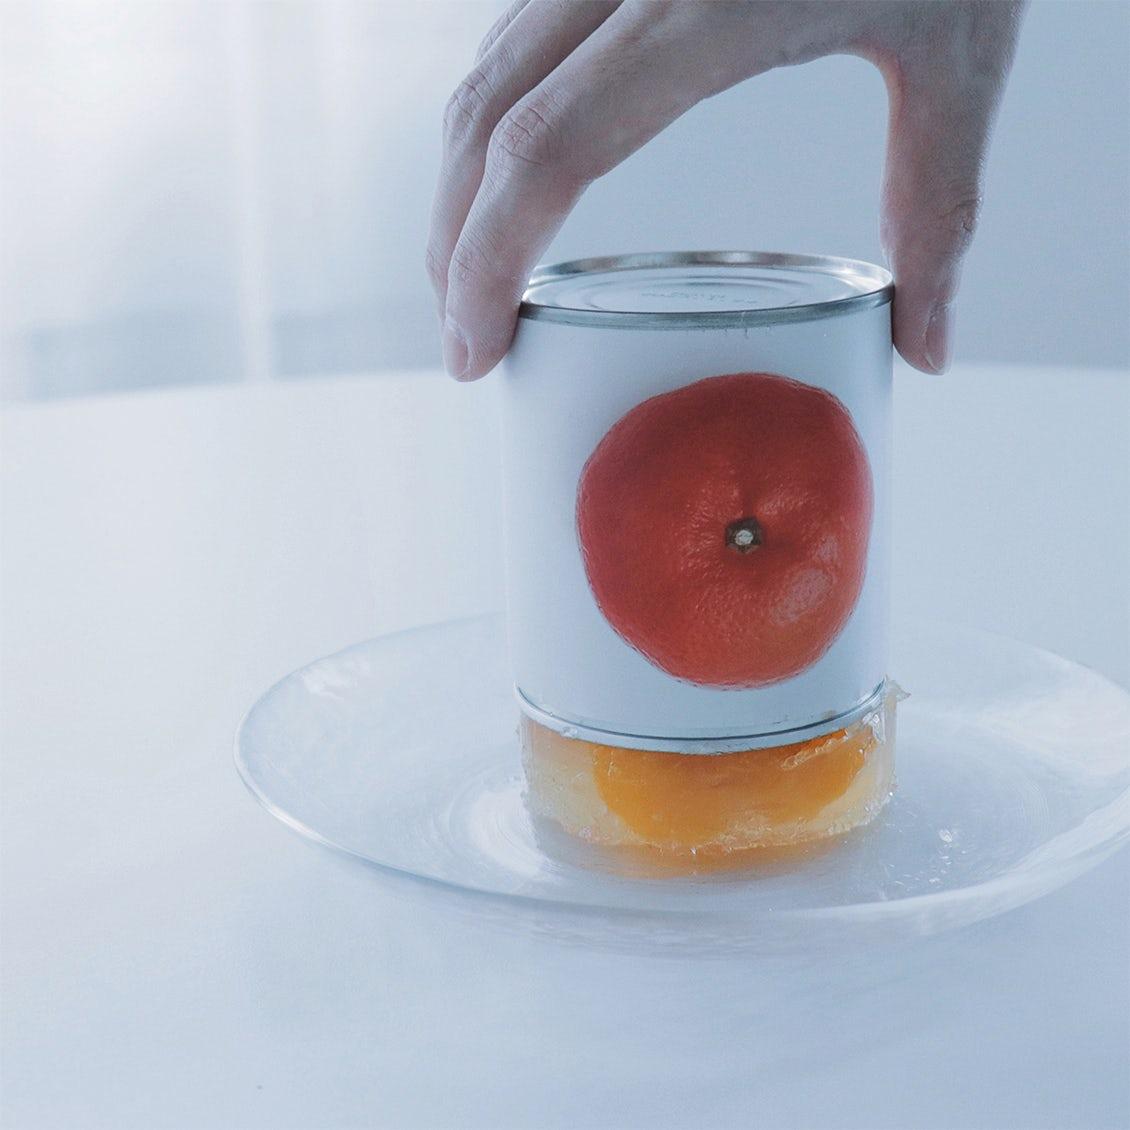 【tomei museum】recipe.2:缶詰まるごと、フルーツゼリー